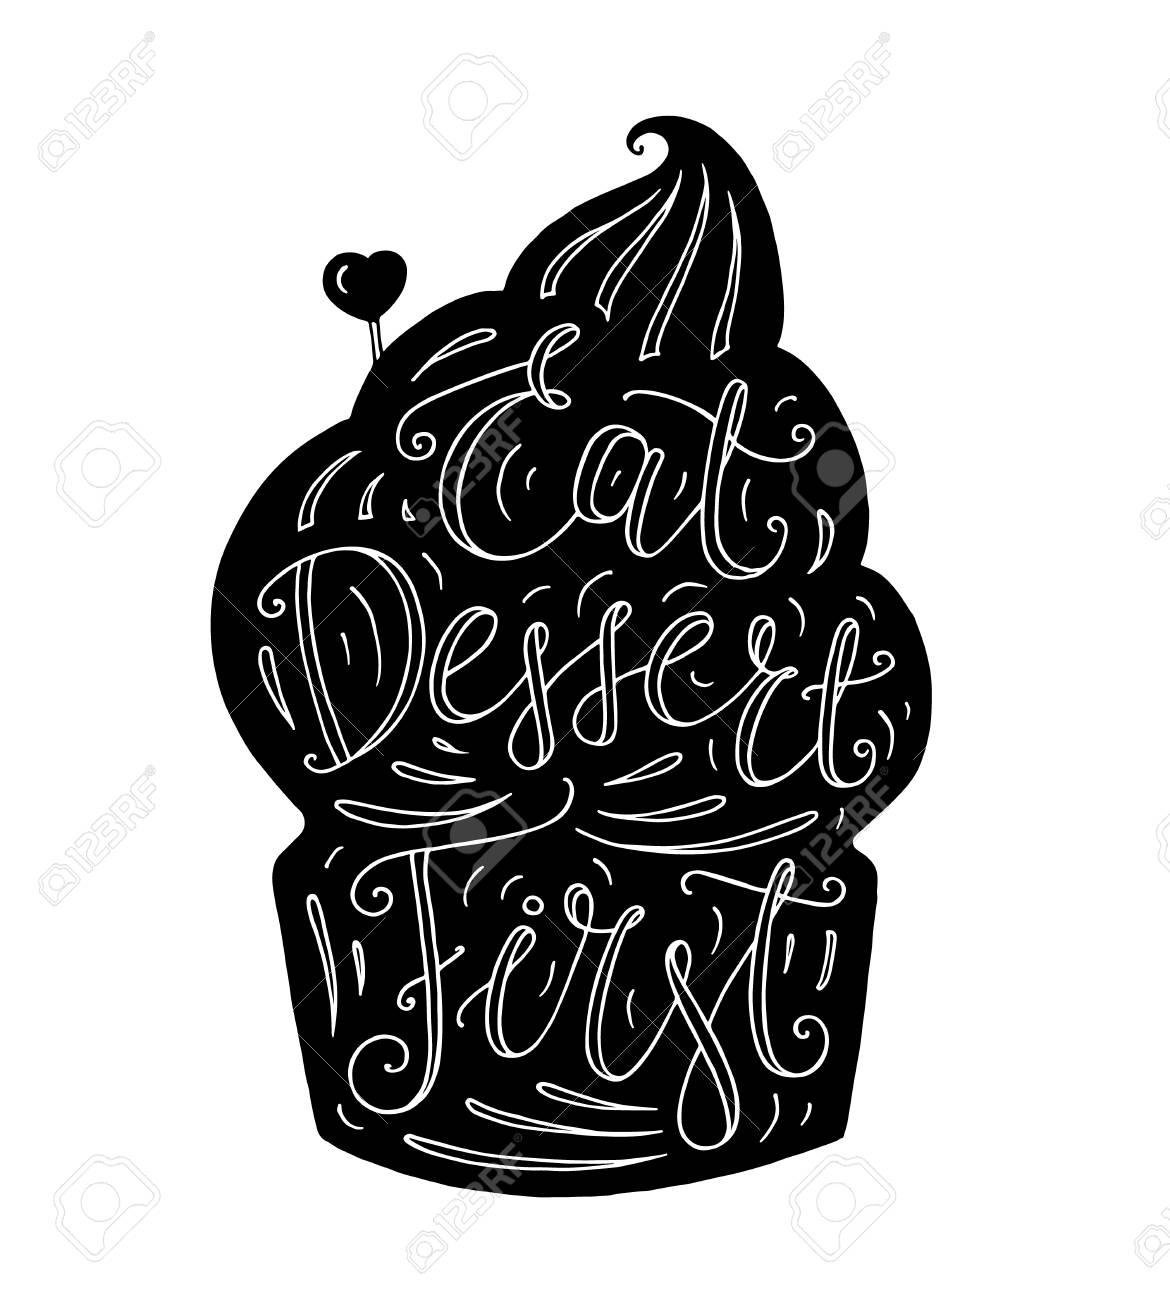 Affiche De Typographie Doodle Noir Et Blanc Avec Cupcake Carte Mignonne De Dessin Animé Avec Le Texte De Lettrage Mangez Le Dessert Dabord